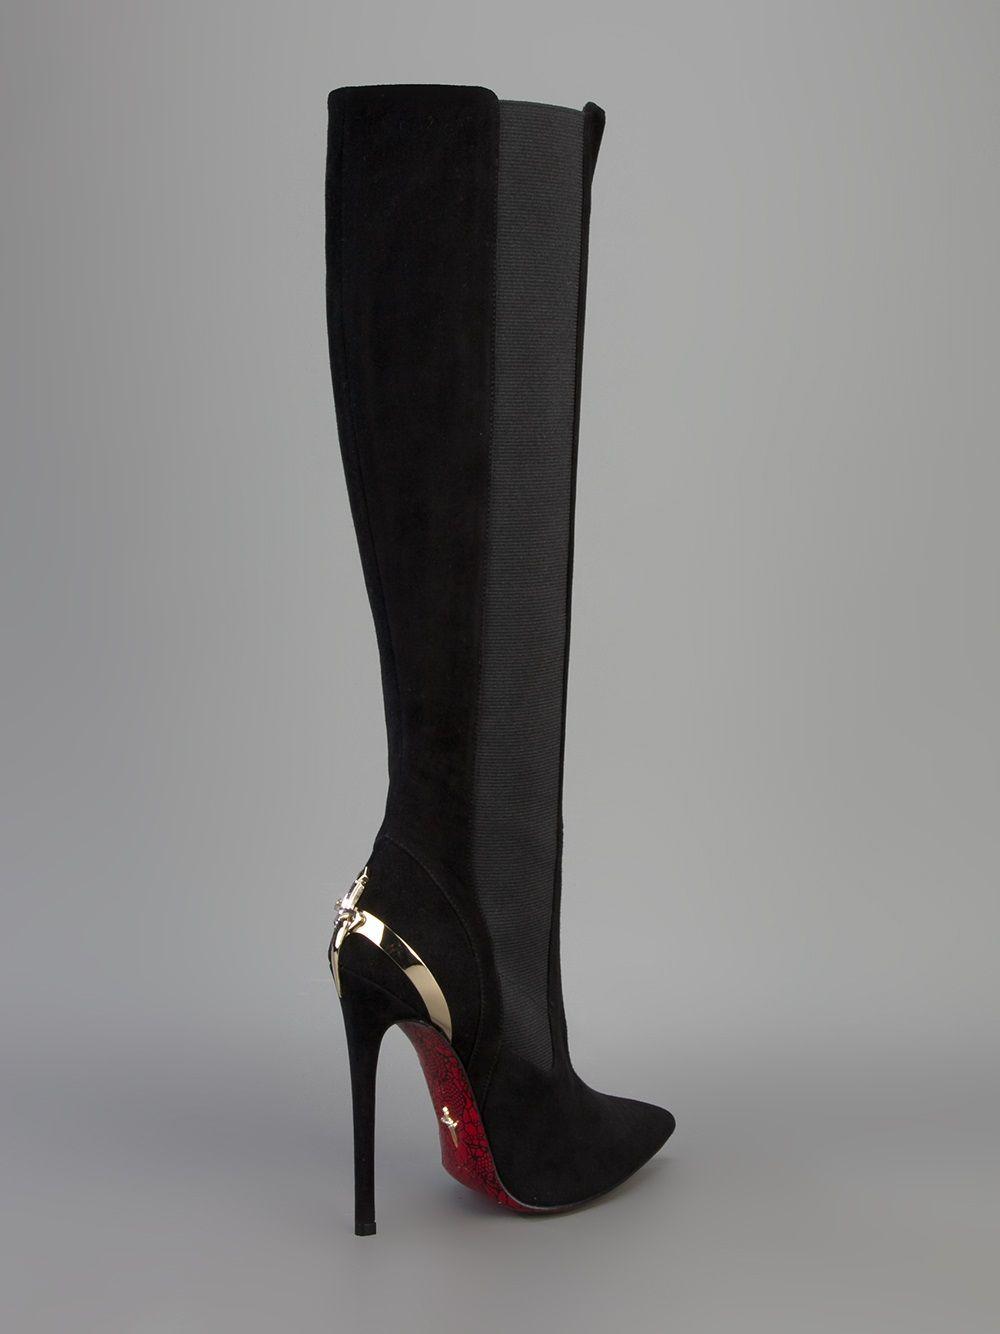 69102e77e7 Cesare Paciotti women's 'Dagger' knee-high boots   Da Bomb Boots in ...